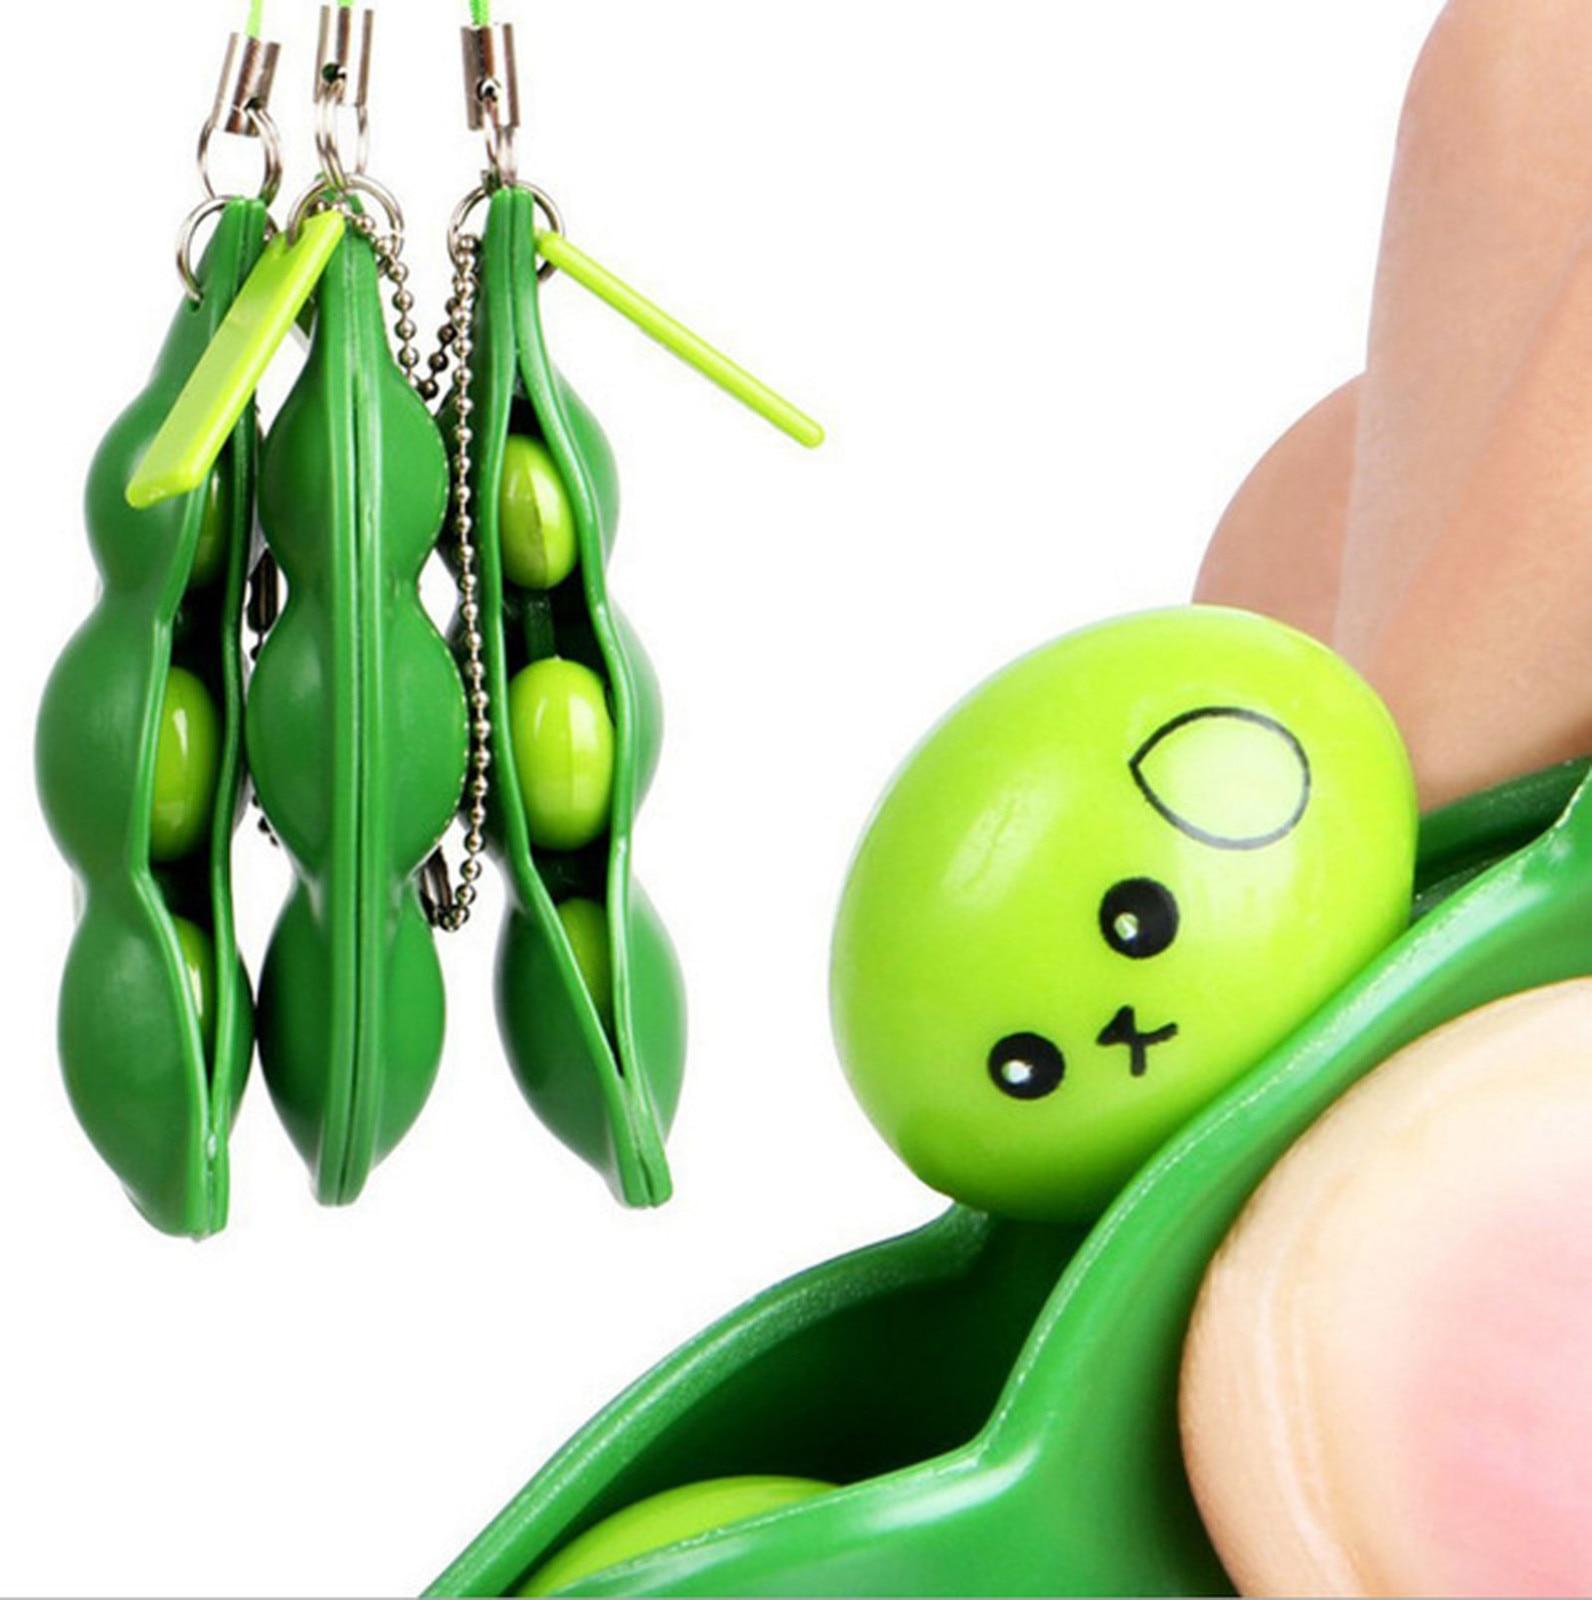 Игрушки-антистресс эдамаме игрушки поп-это сжимаемые игрушки в виде горошин бобы брелок симпатичная игрушка-антистресс для взрослых резин...